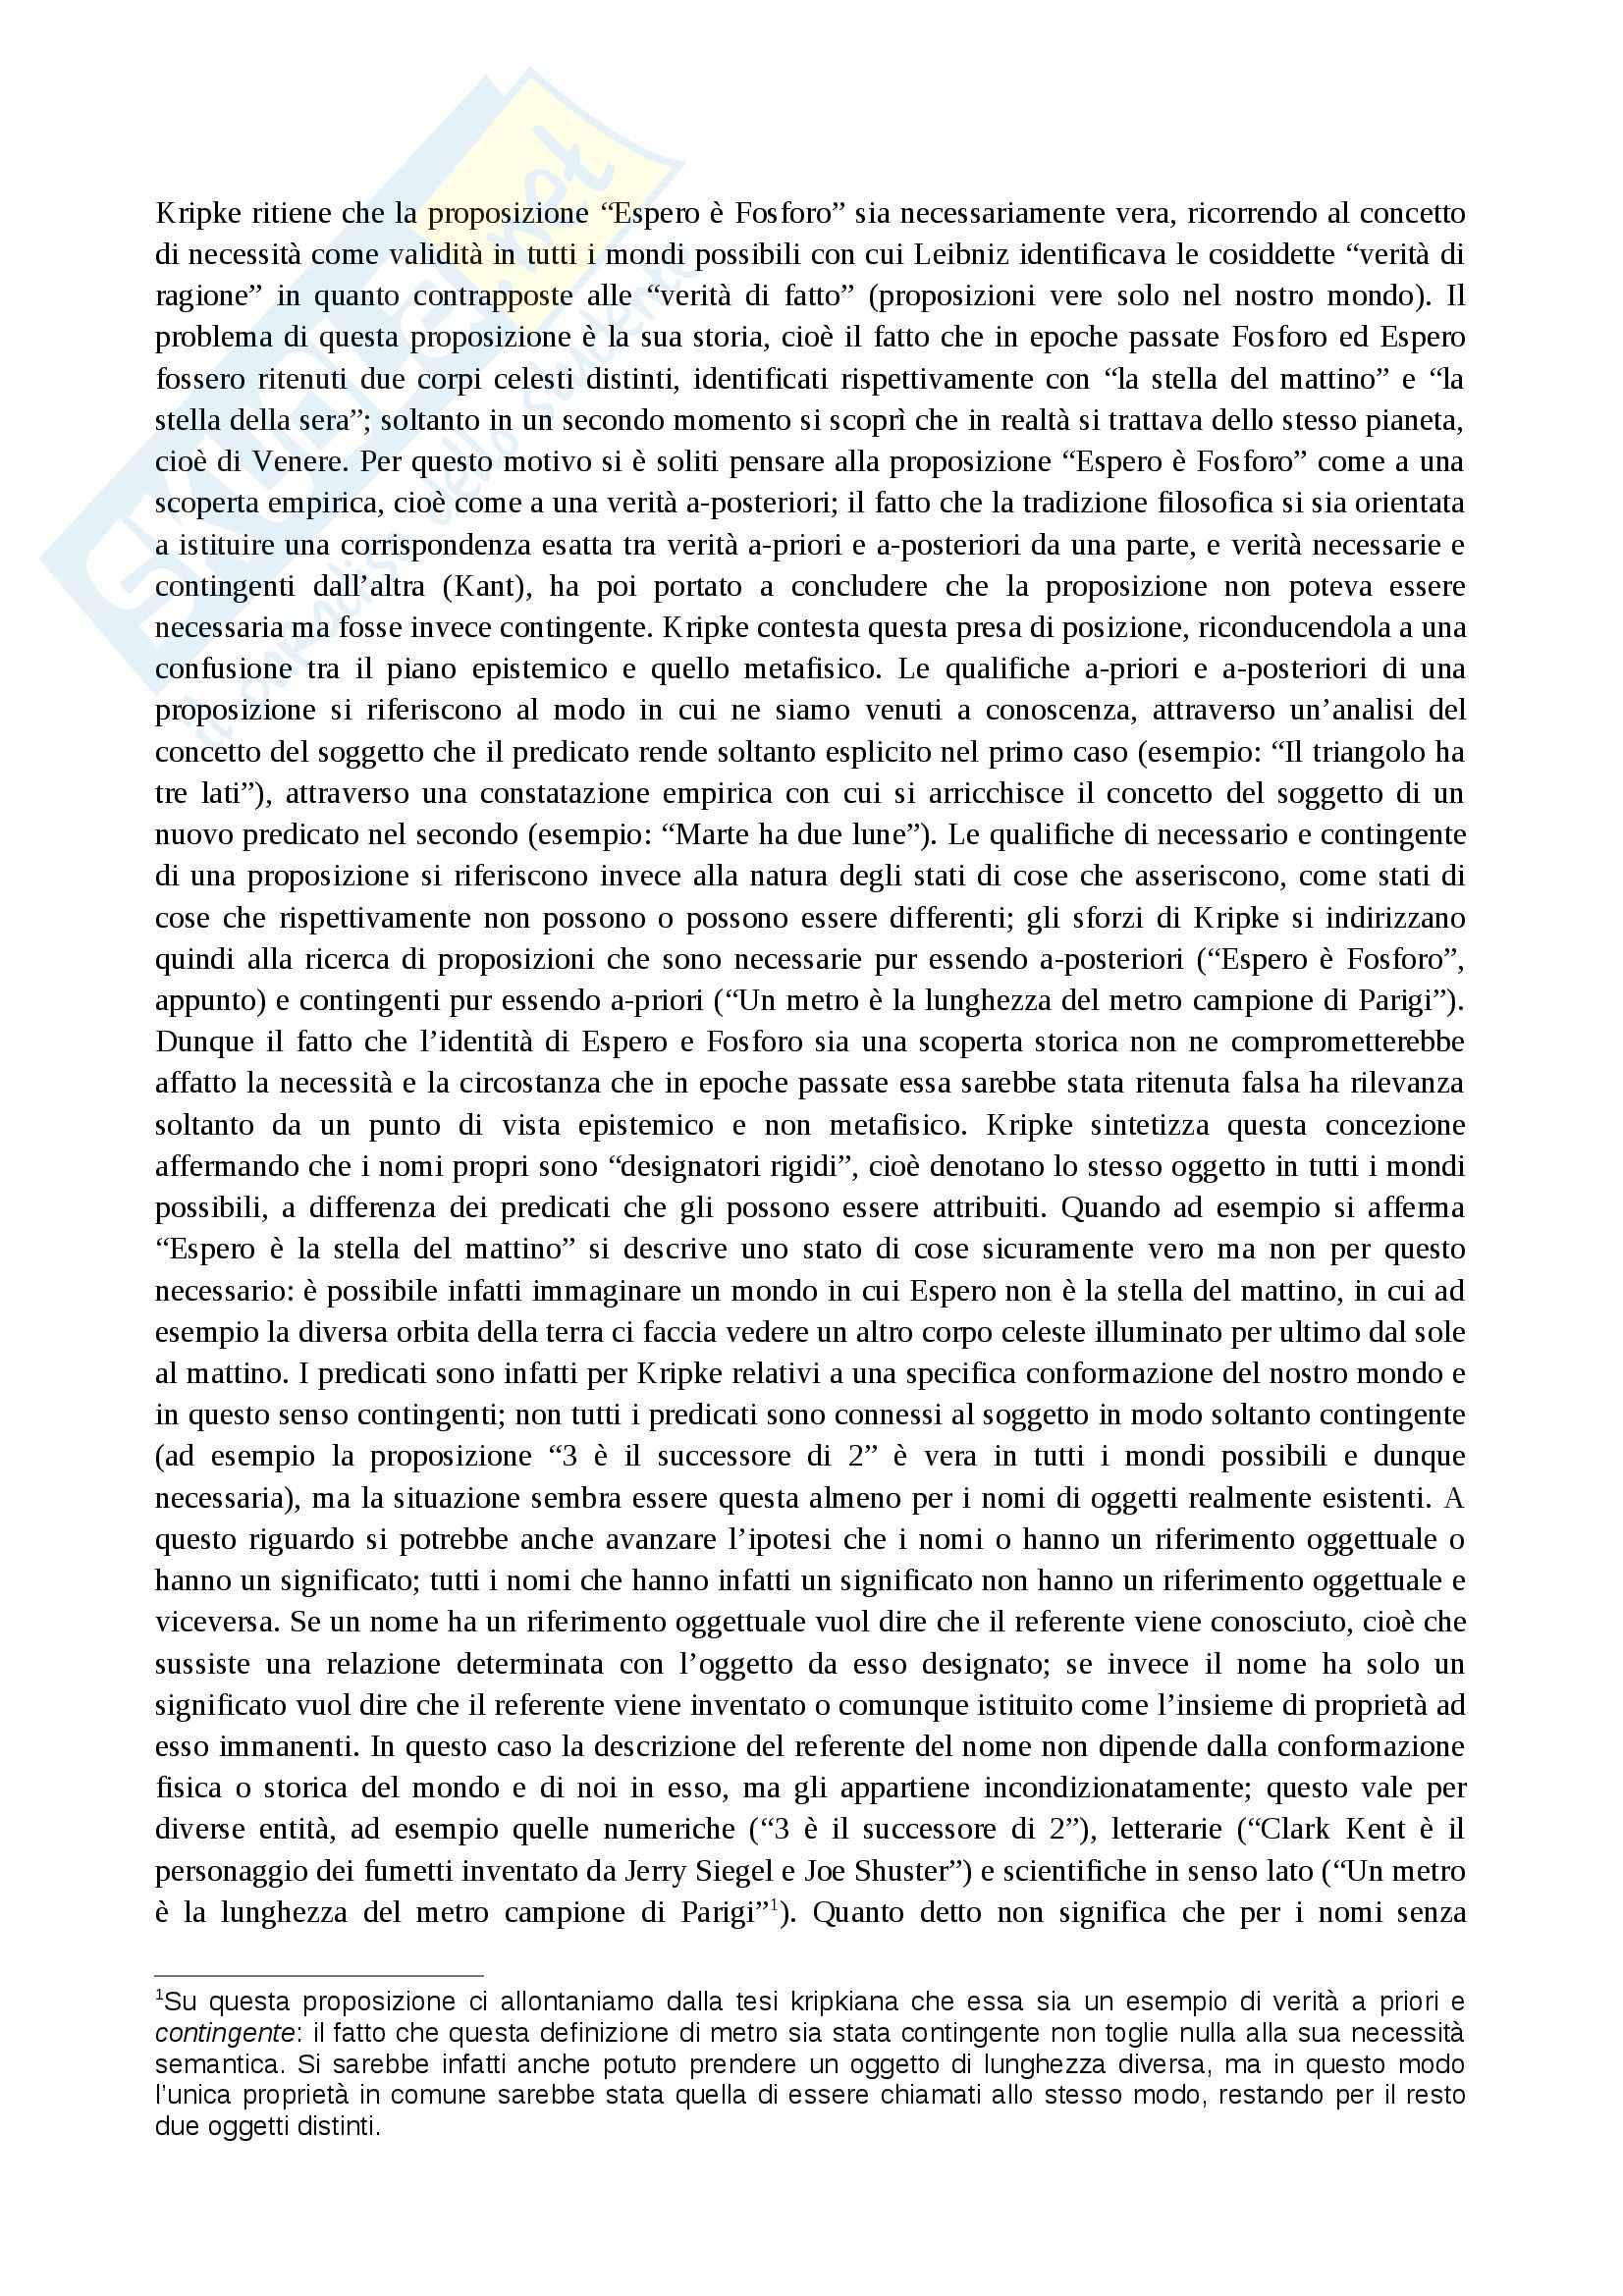 Filosofia del linguaggio - proposizioni d'identità in Kripke